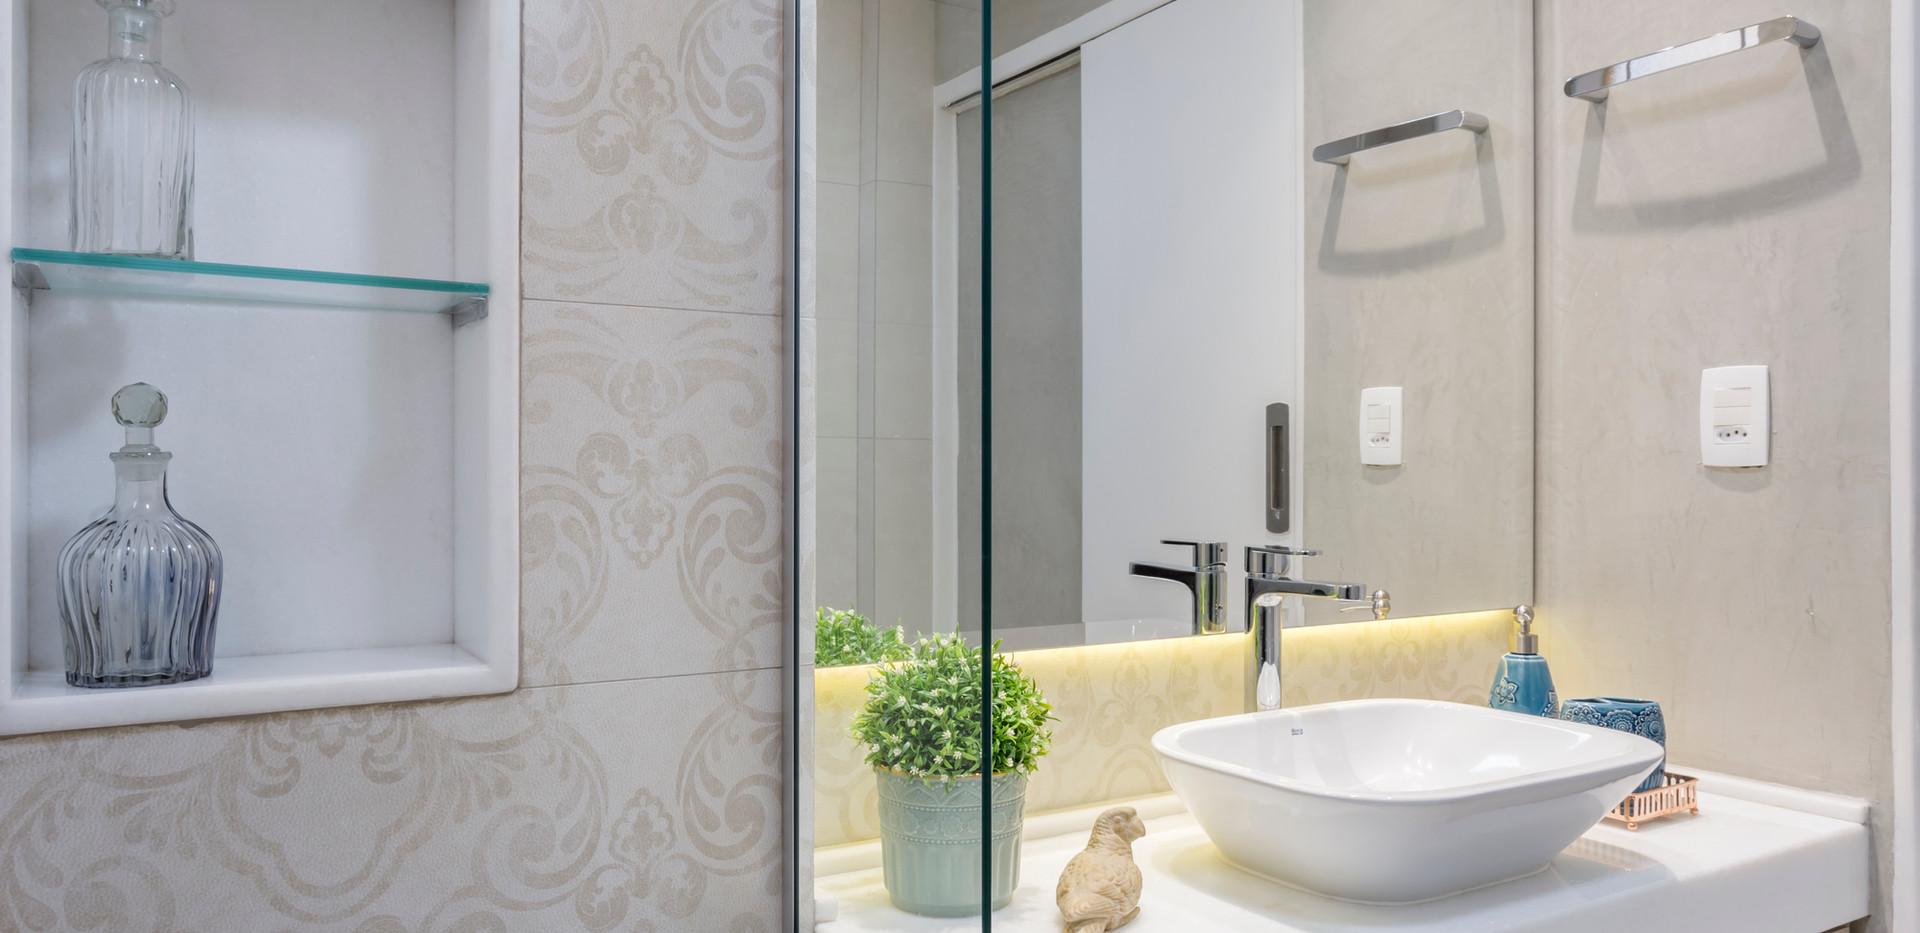 Banheiro - Ana Marinho - Designare Ambientes - BH-MG-Brasil 05.jpg